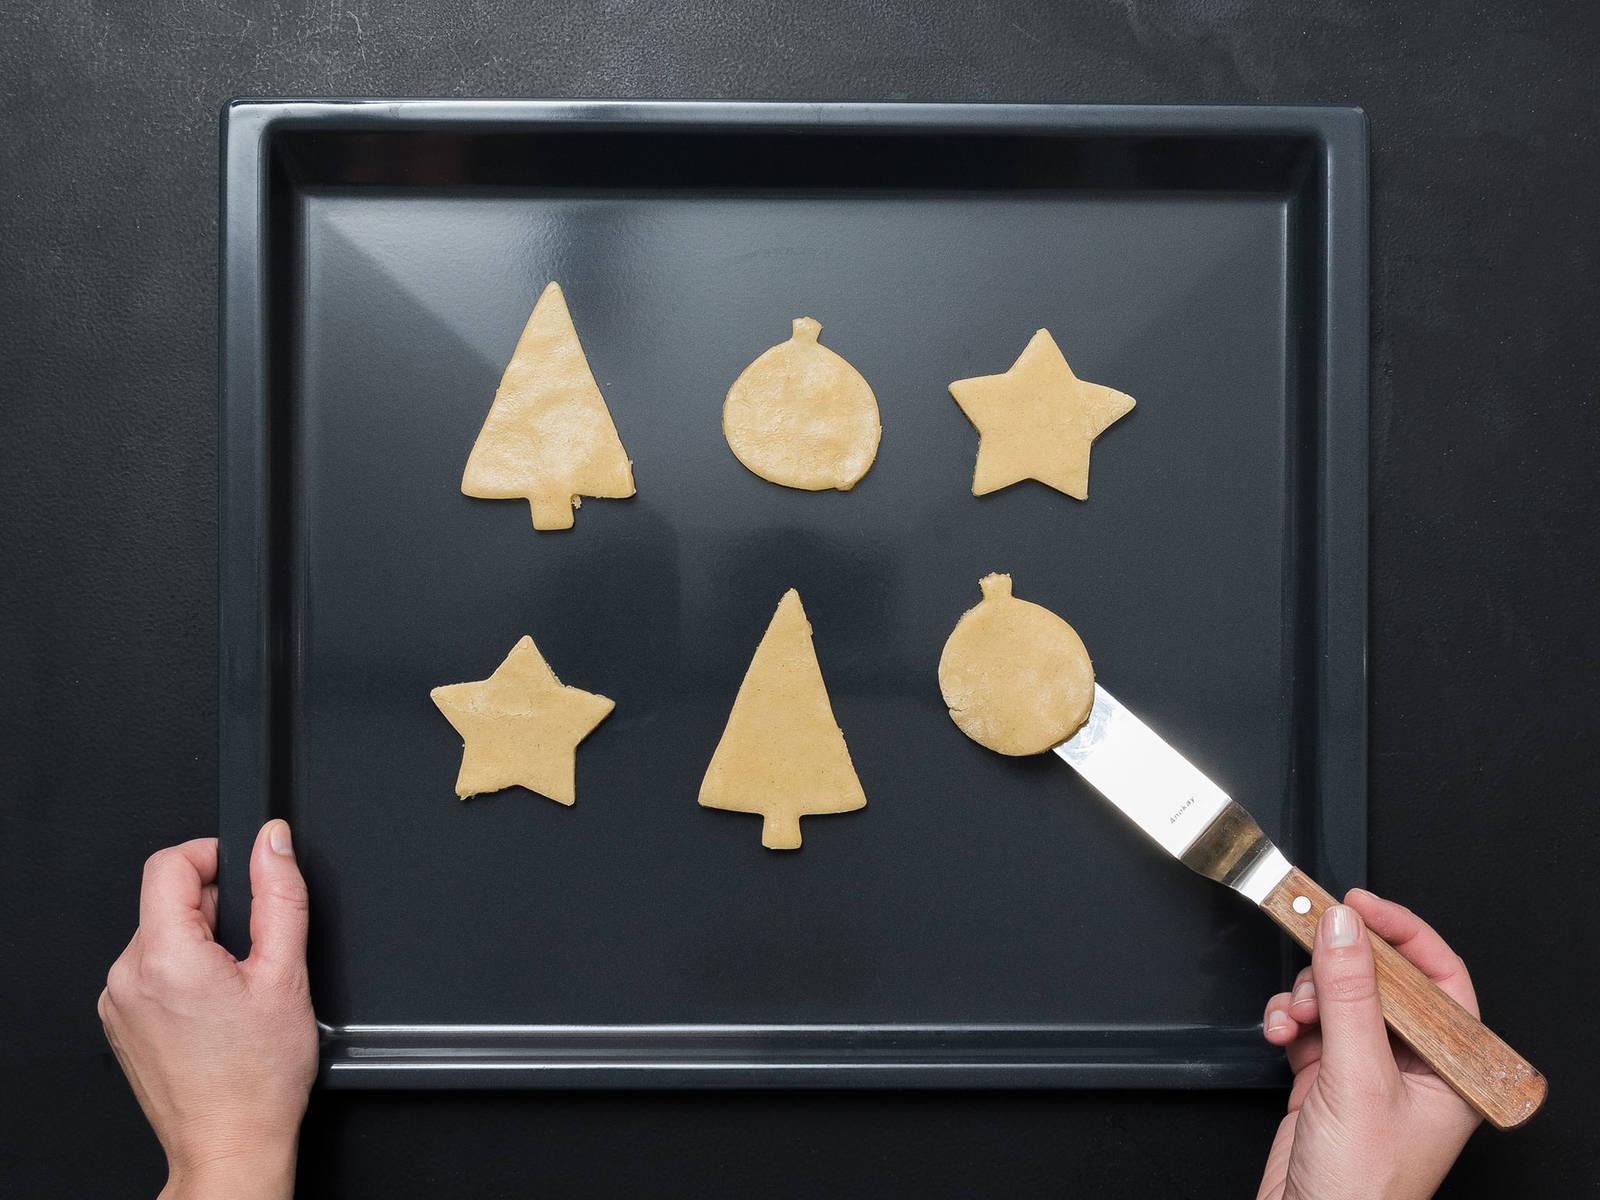 Backofen auf 200°C vorheizen. Arbeitsfläche mit Mehl bestäuben und den Teig ca. 5 mm dick ausrollen. Die Kekse in gewünschter Form ausstechen und auf ein mit Backpapier ausgelegtes Backblech legen und für ca. 10 Min. backen, bis die Ränder goldbraun sind. Aus dem Backofen nehmen und auskühlen lassen.